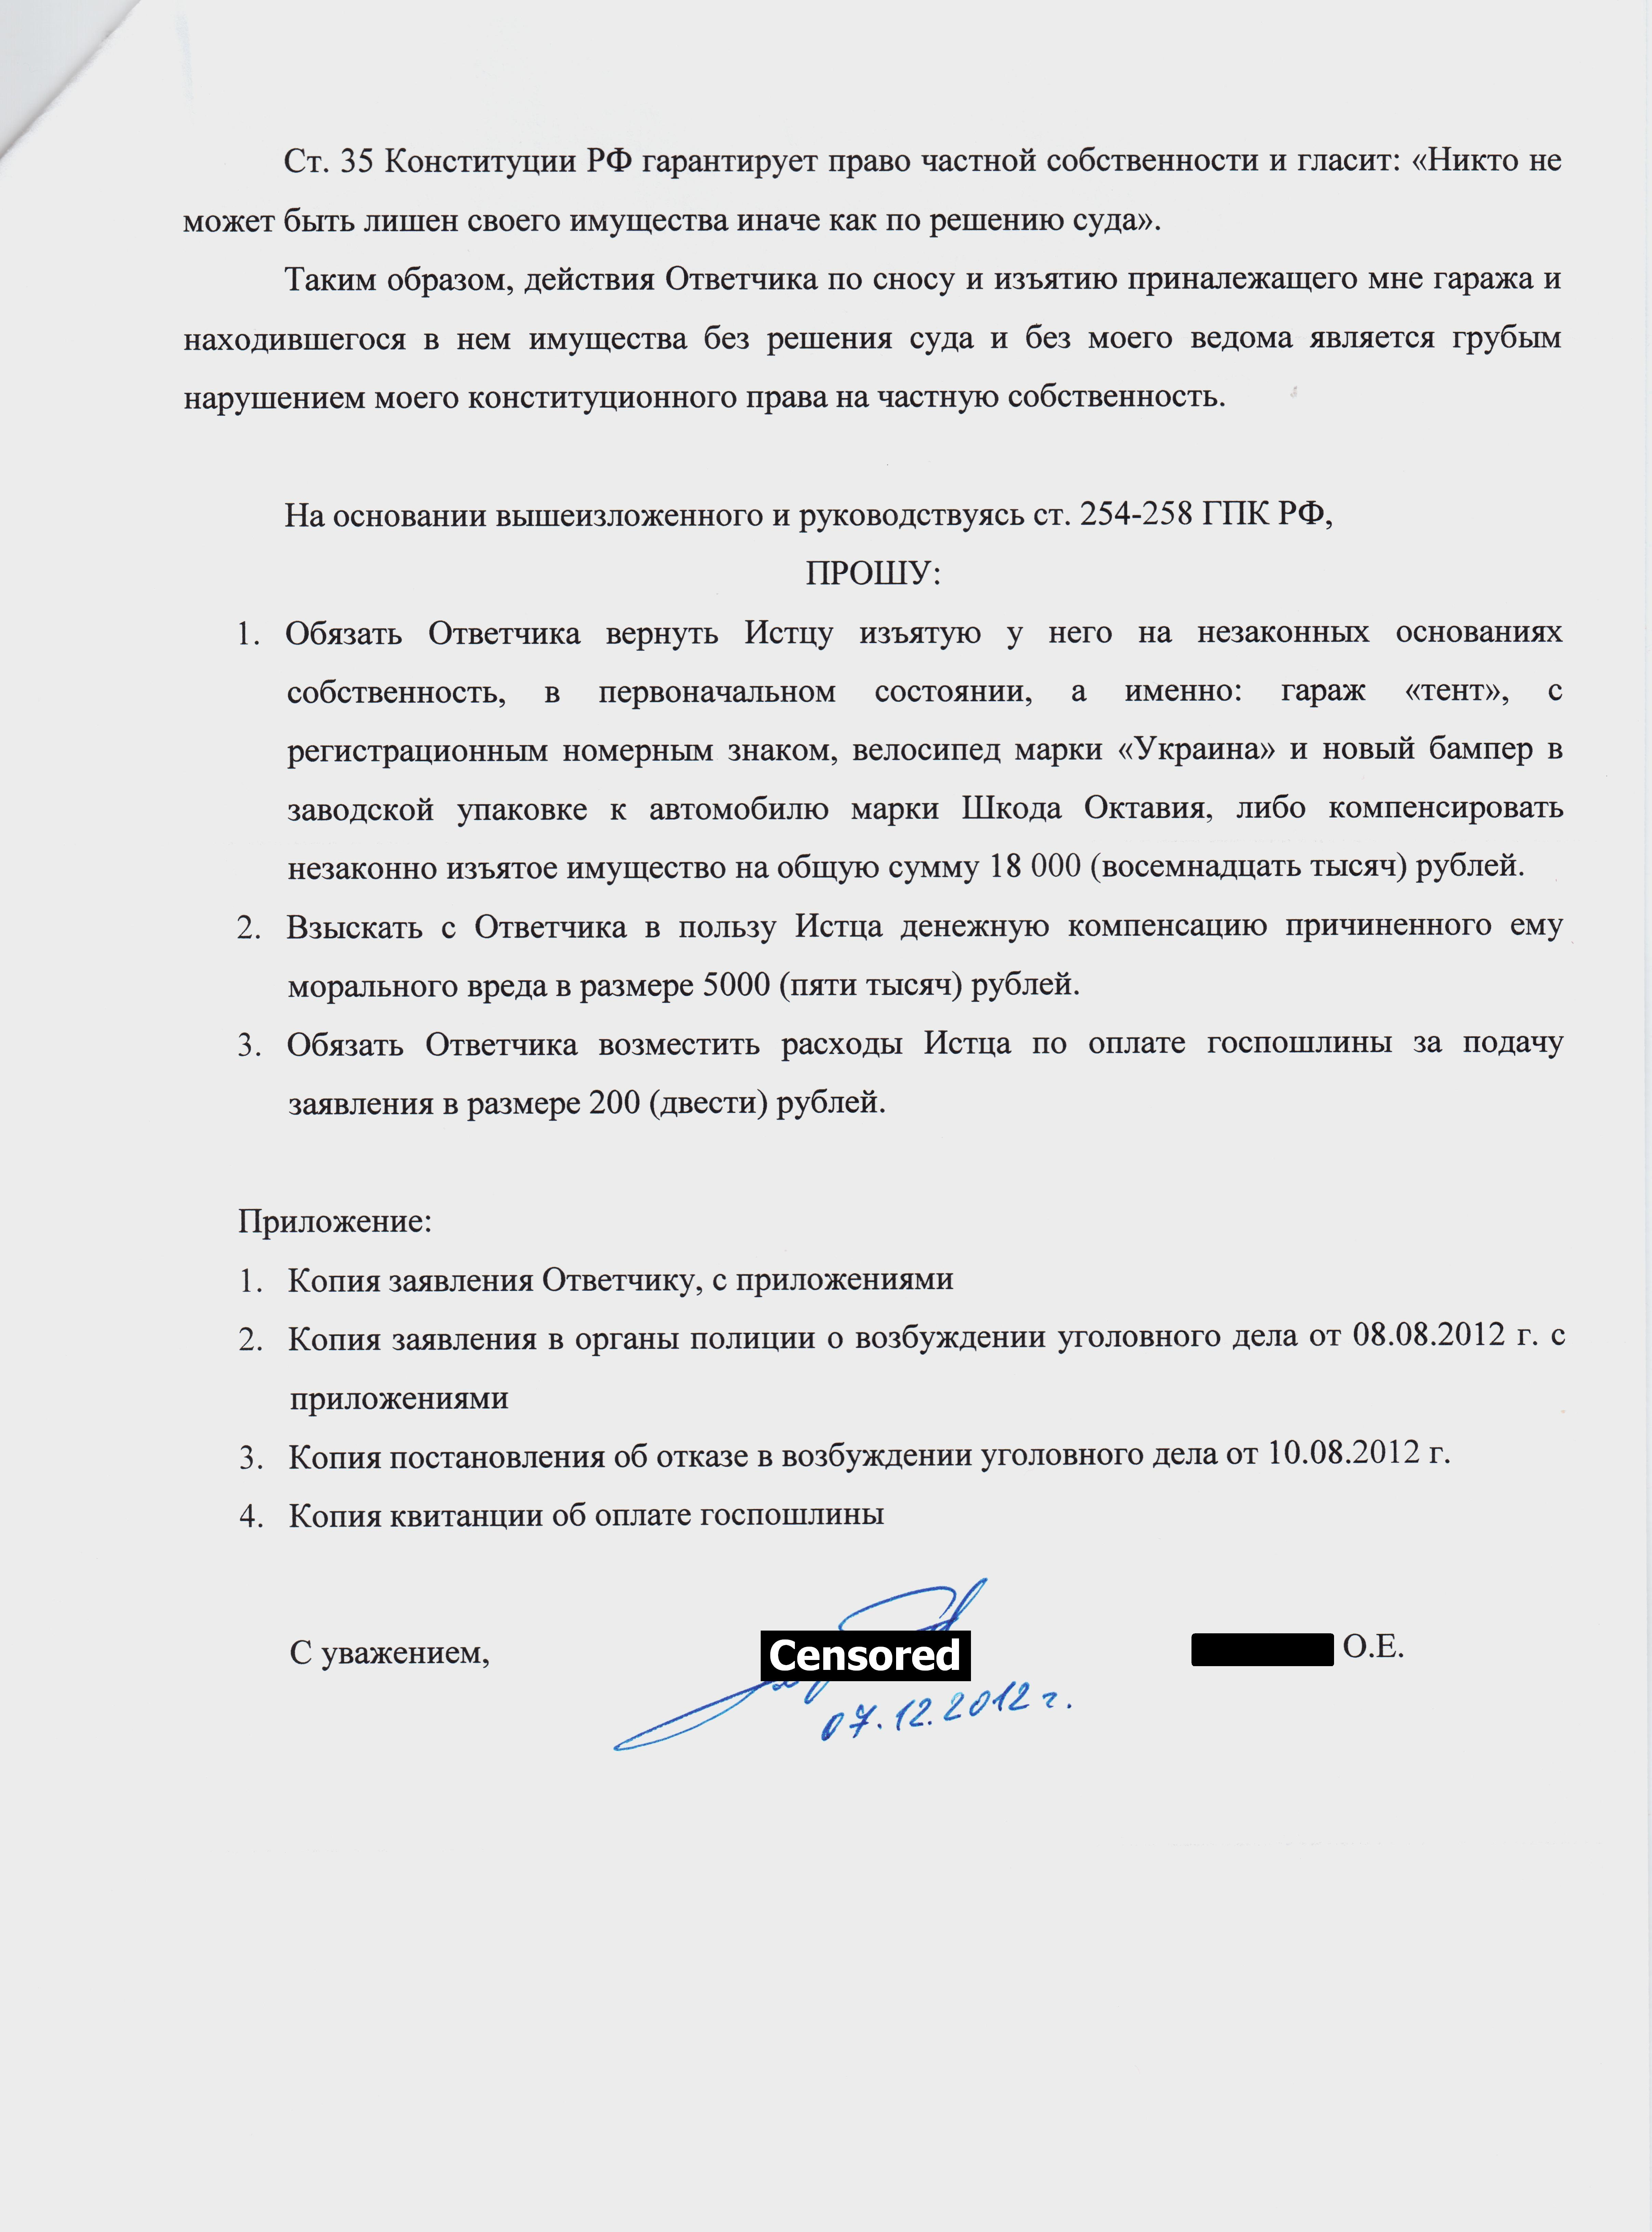 2012 11 07 заявление_суд2_1